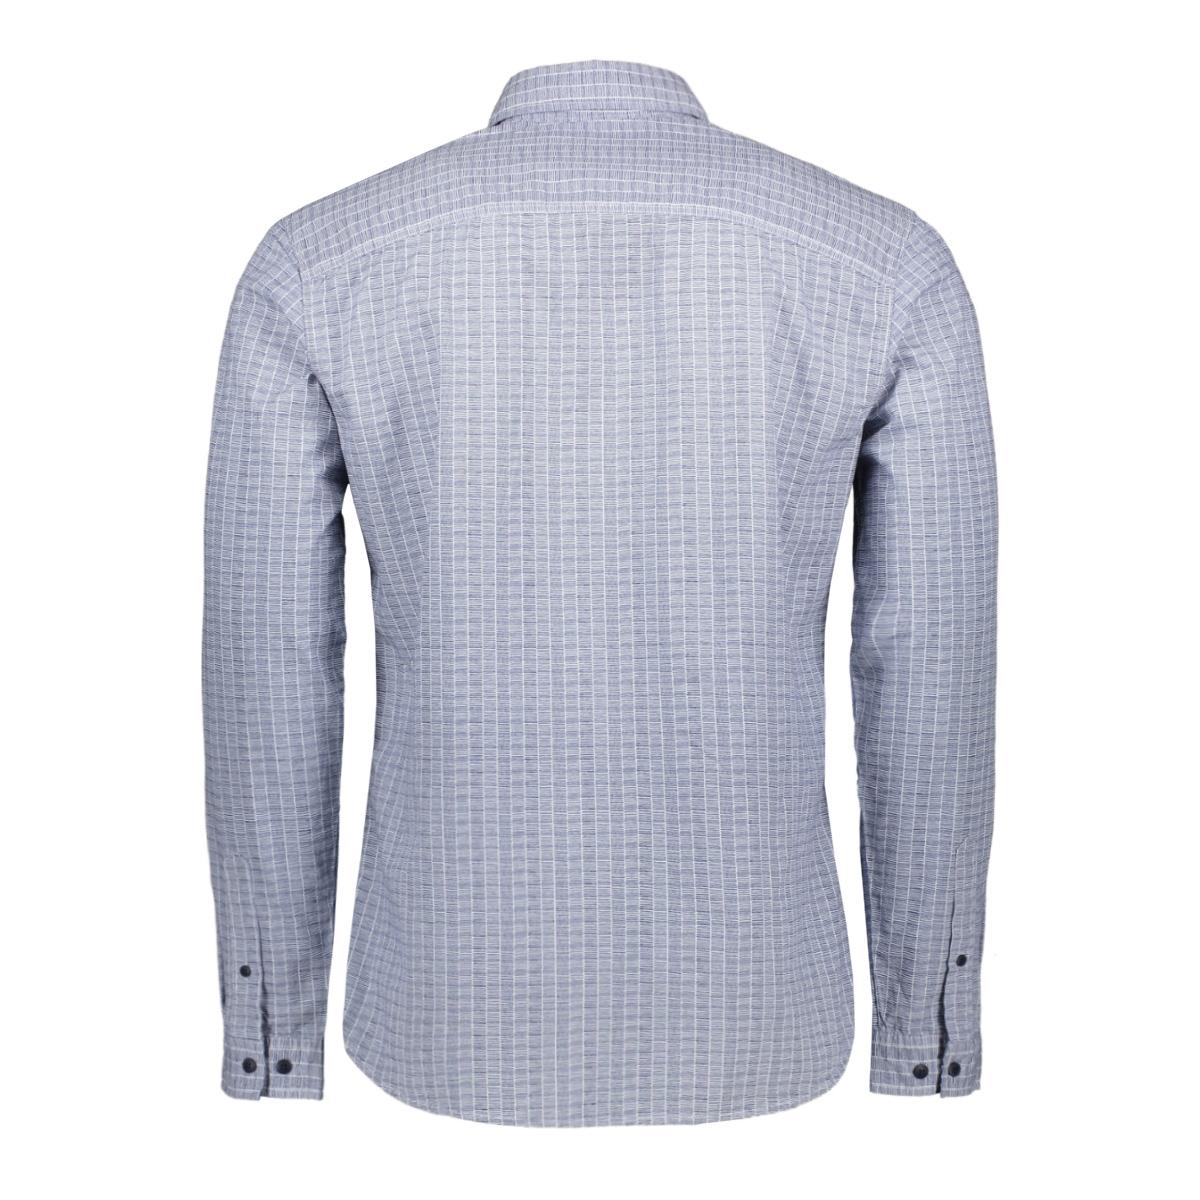 jcogladstone  shirt ls one pocket 12161661 jack & jones overhemd white/slim twi